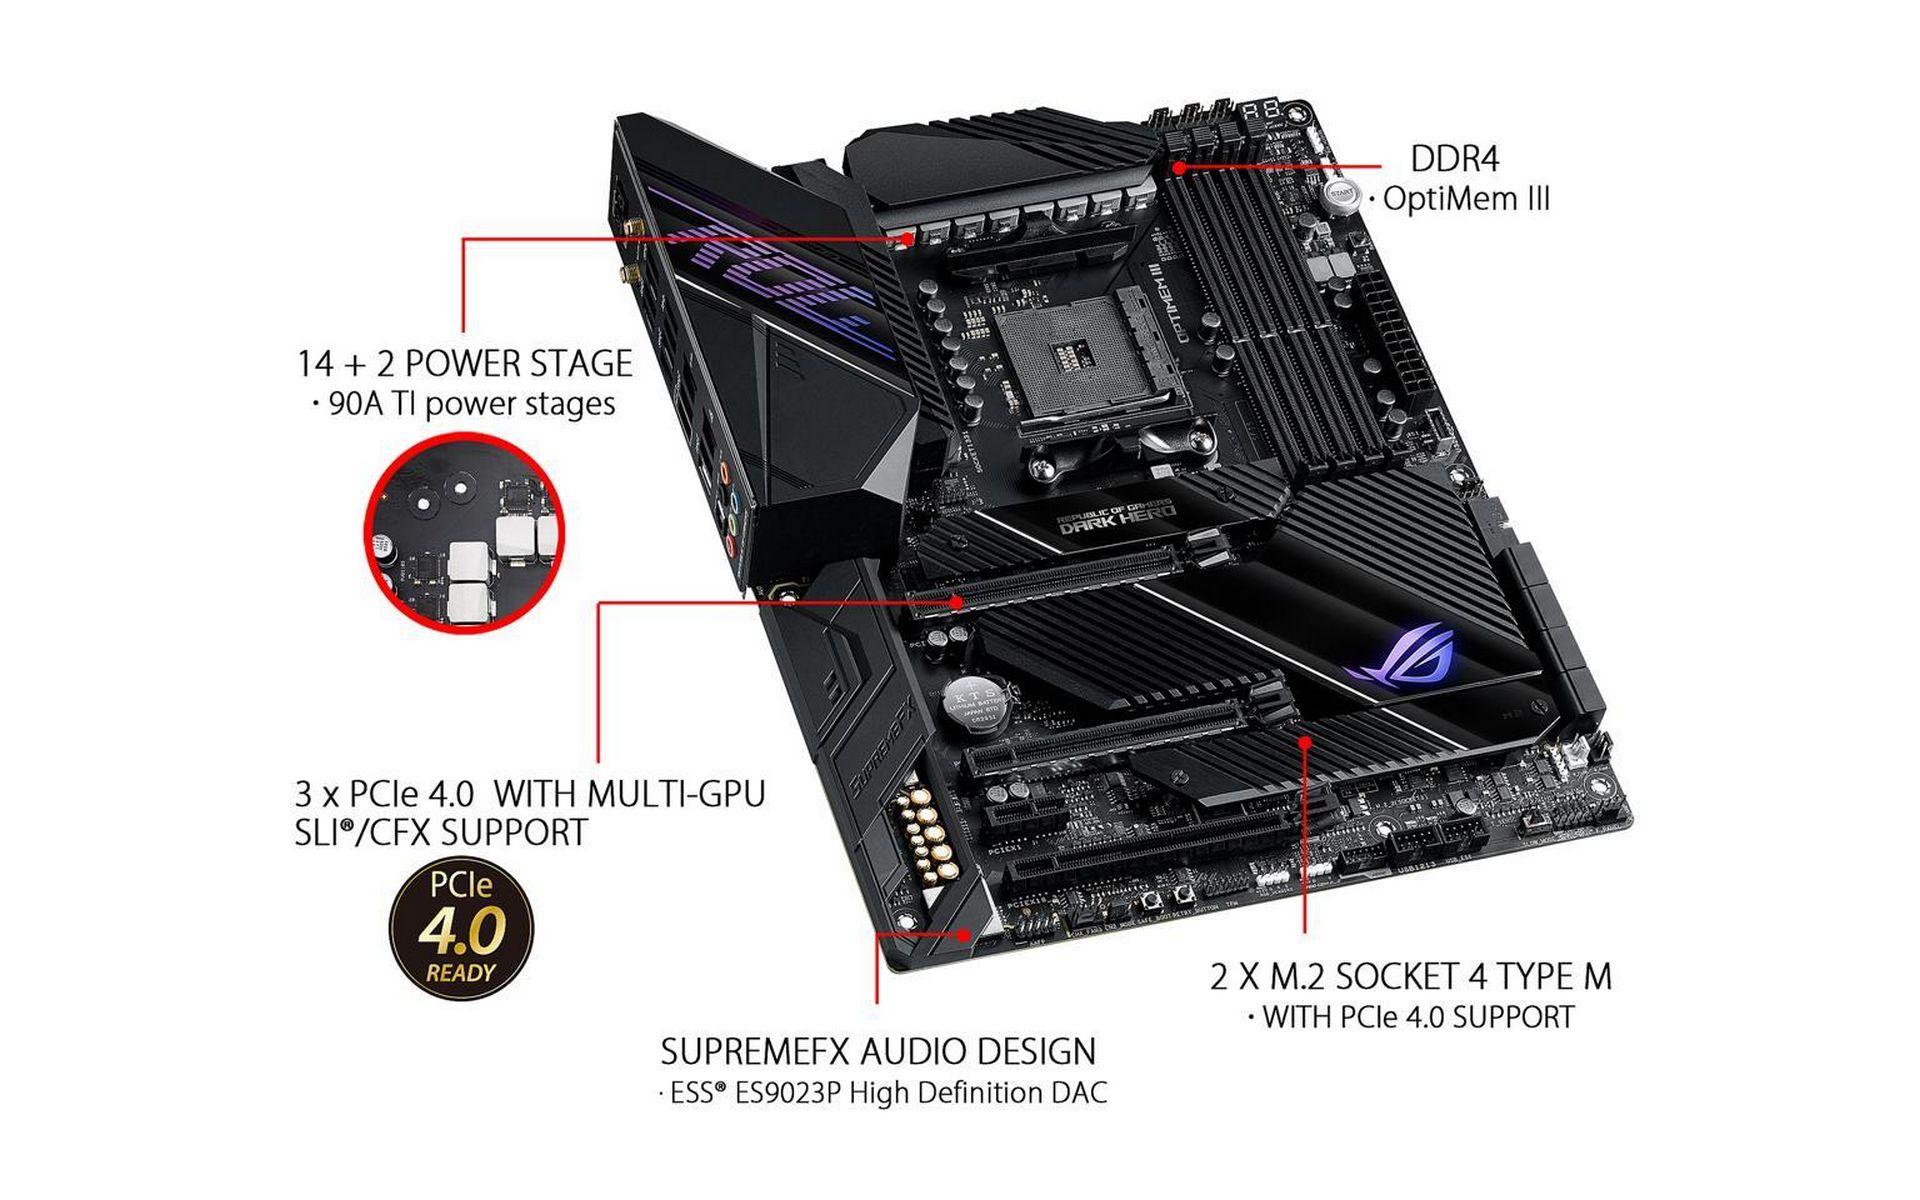 ROG Crosshair VIII Dark Hero tự hào có thiết kế nguồn điện được tối ưu hóa